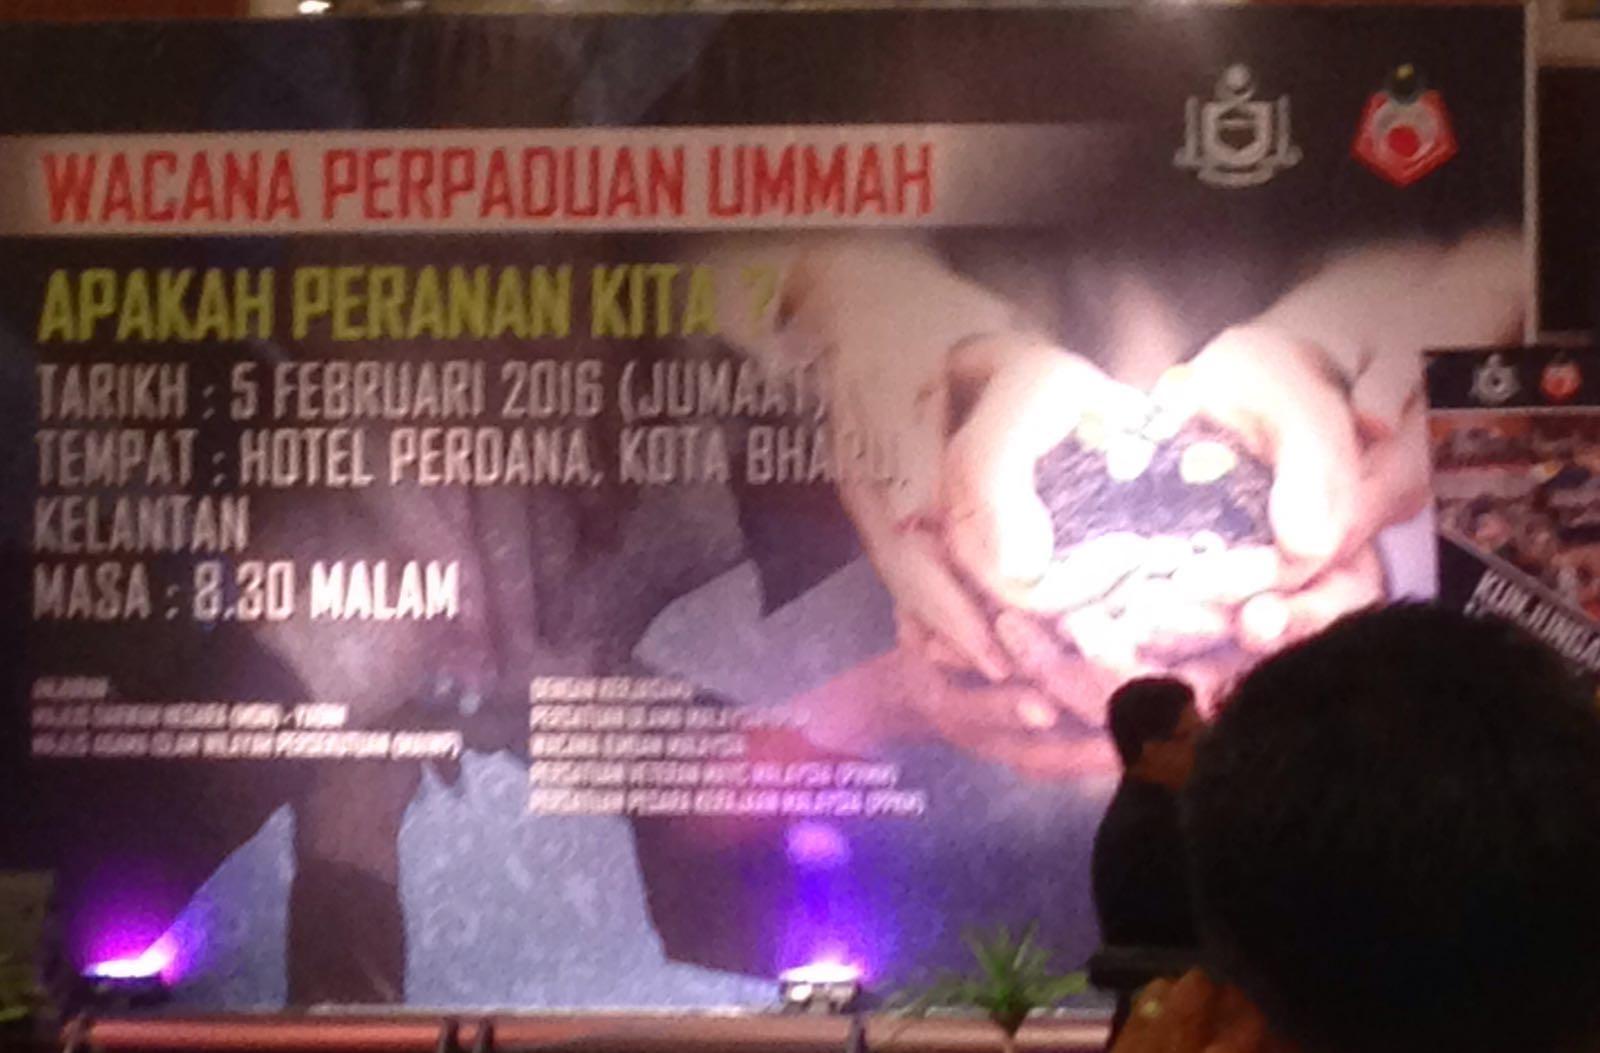 Wacana Perpaduan Ummah 2016